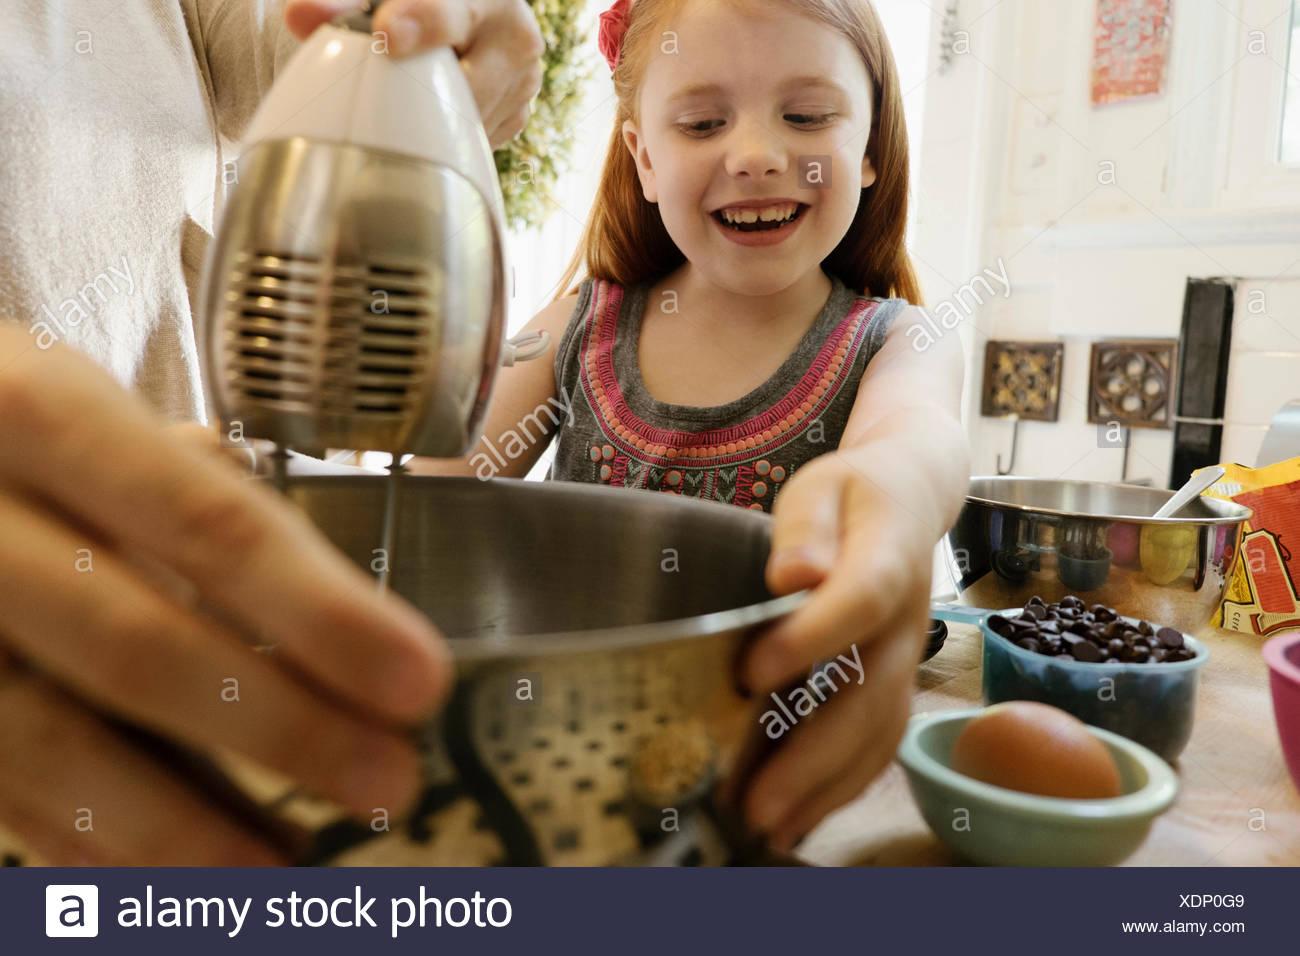 Mädchen, Mutter eine helfende hand in Küche Stockfoto